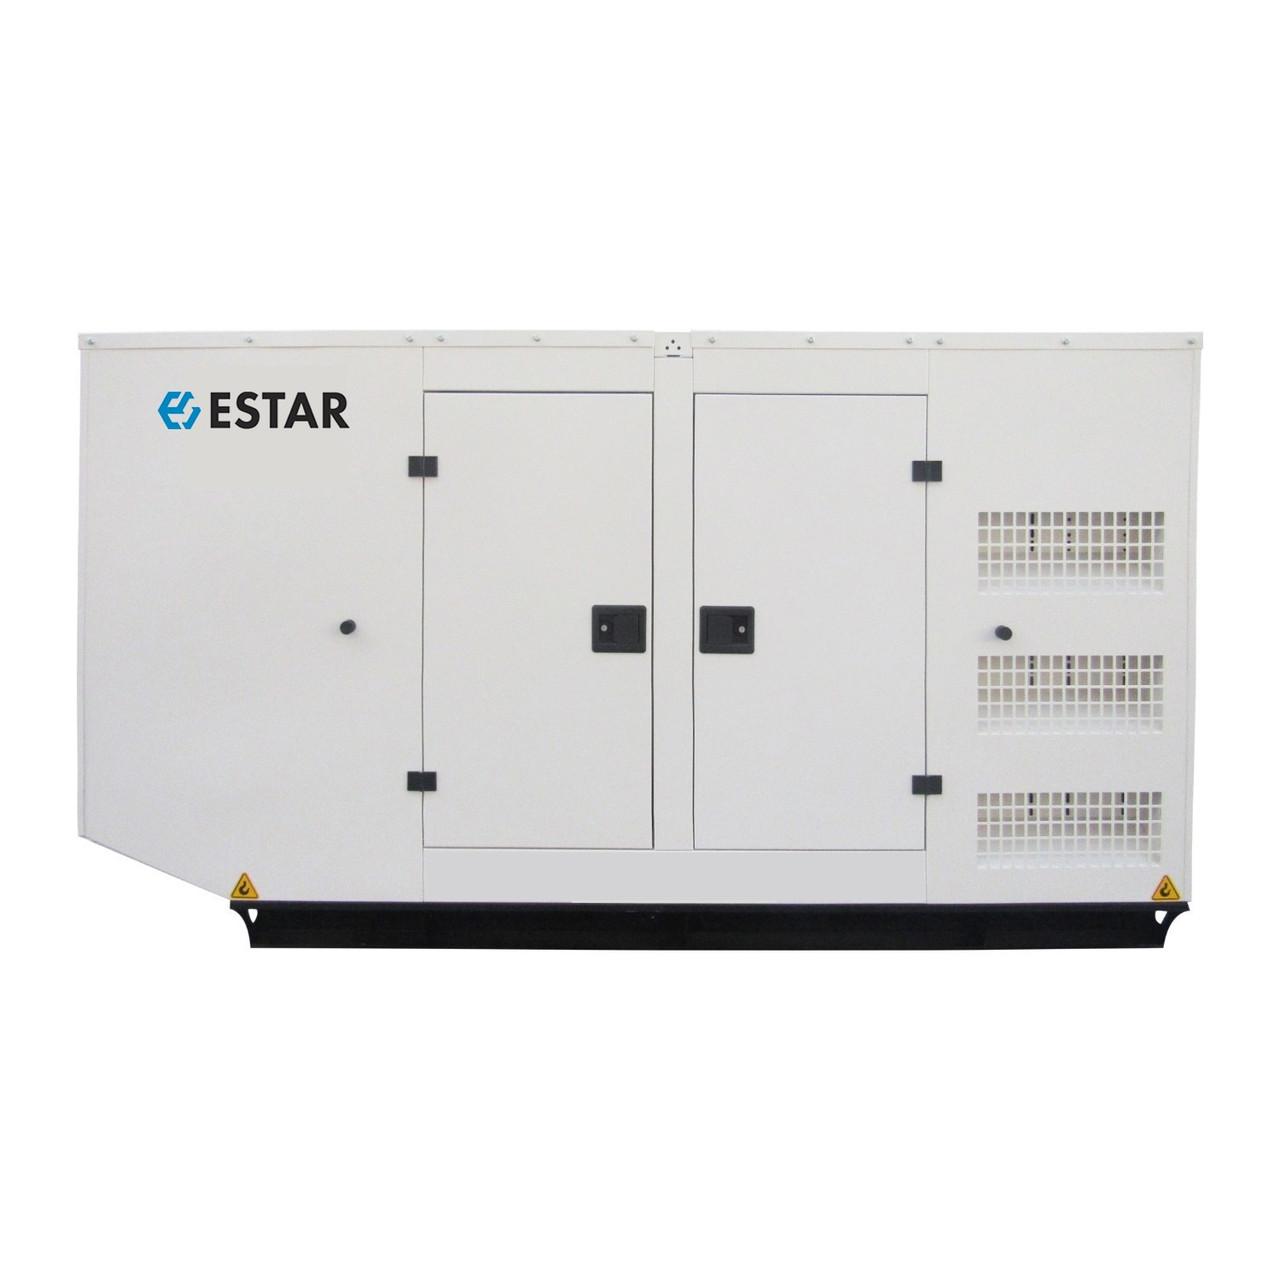 ⚡ESTAR ES90-RSA (72 кВт) + АВР (підігрів і автоматичний запуск)